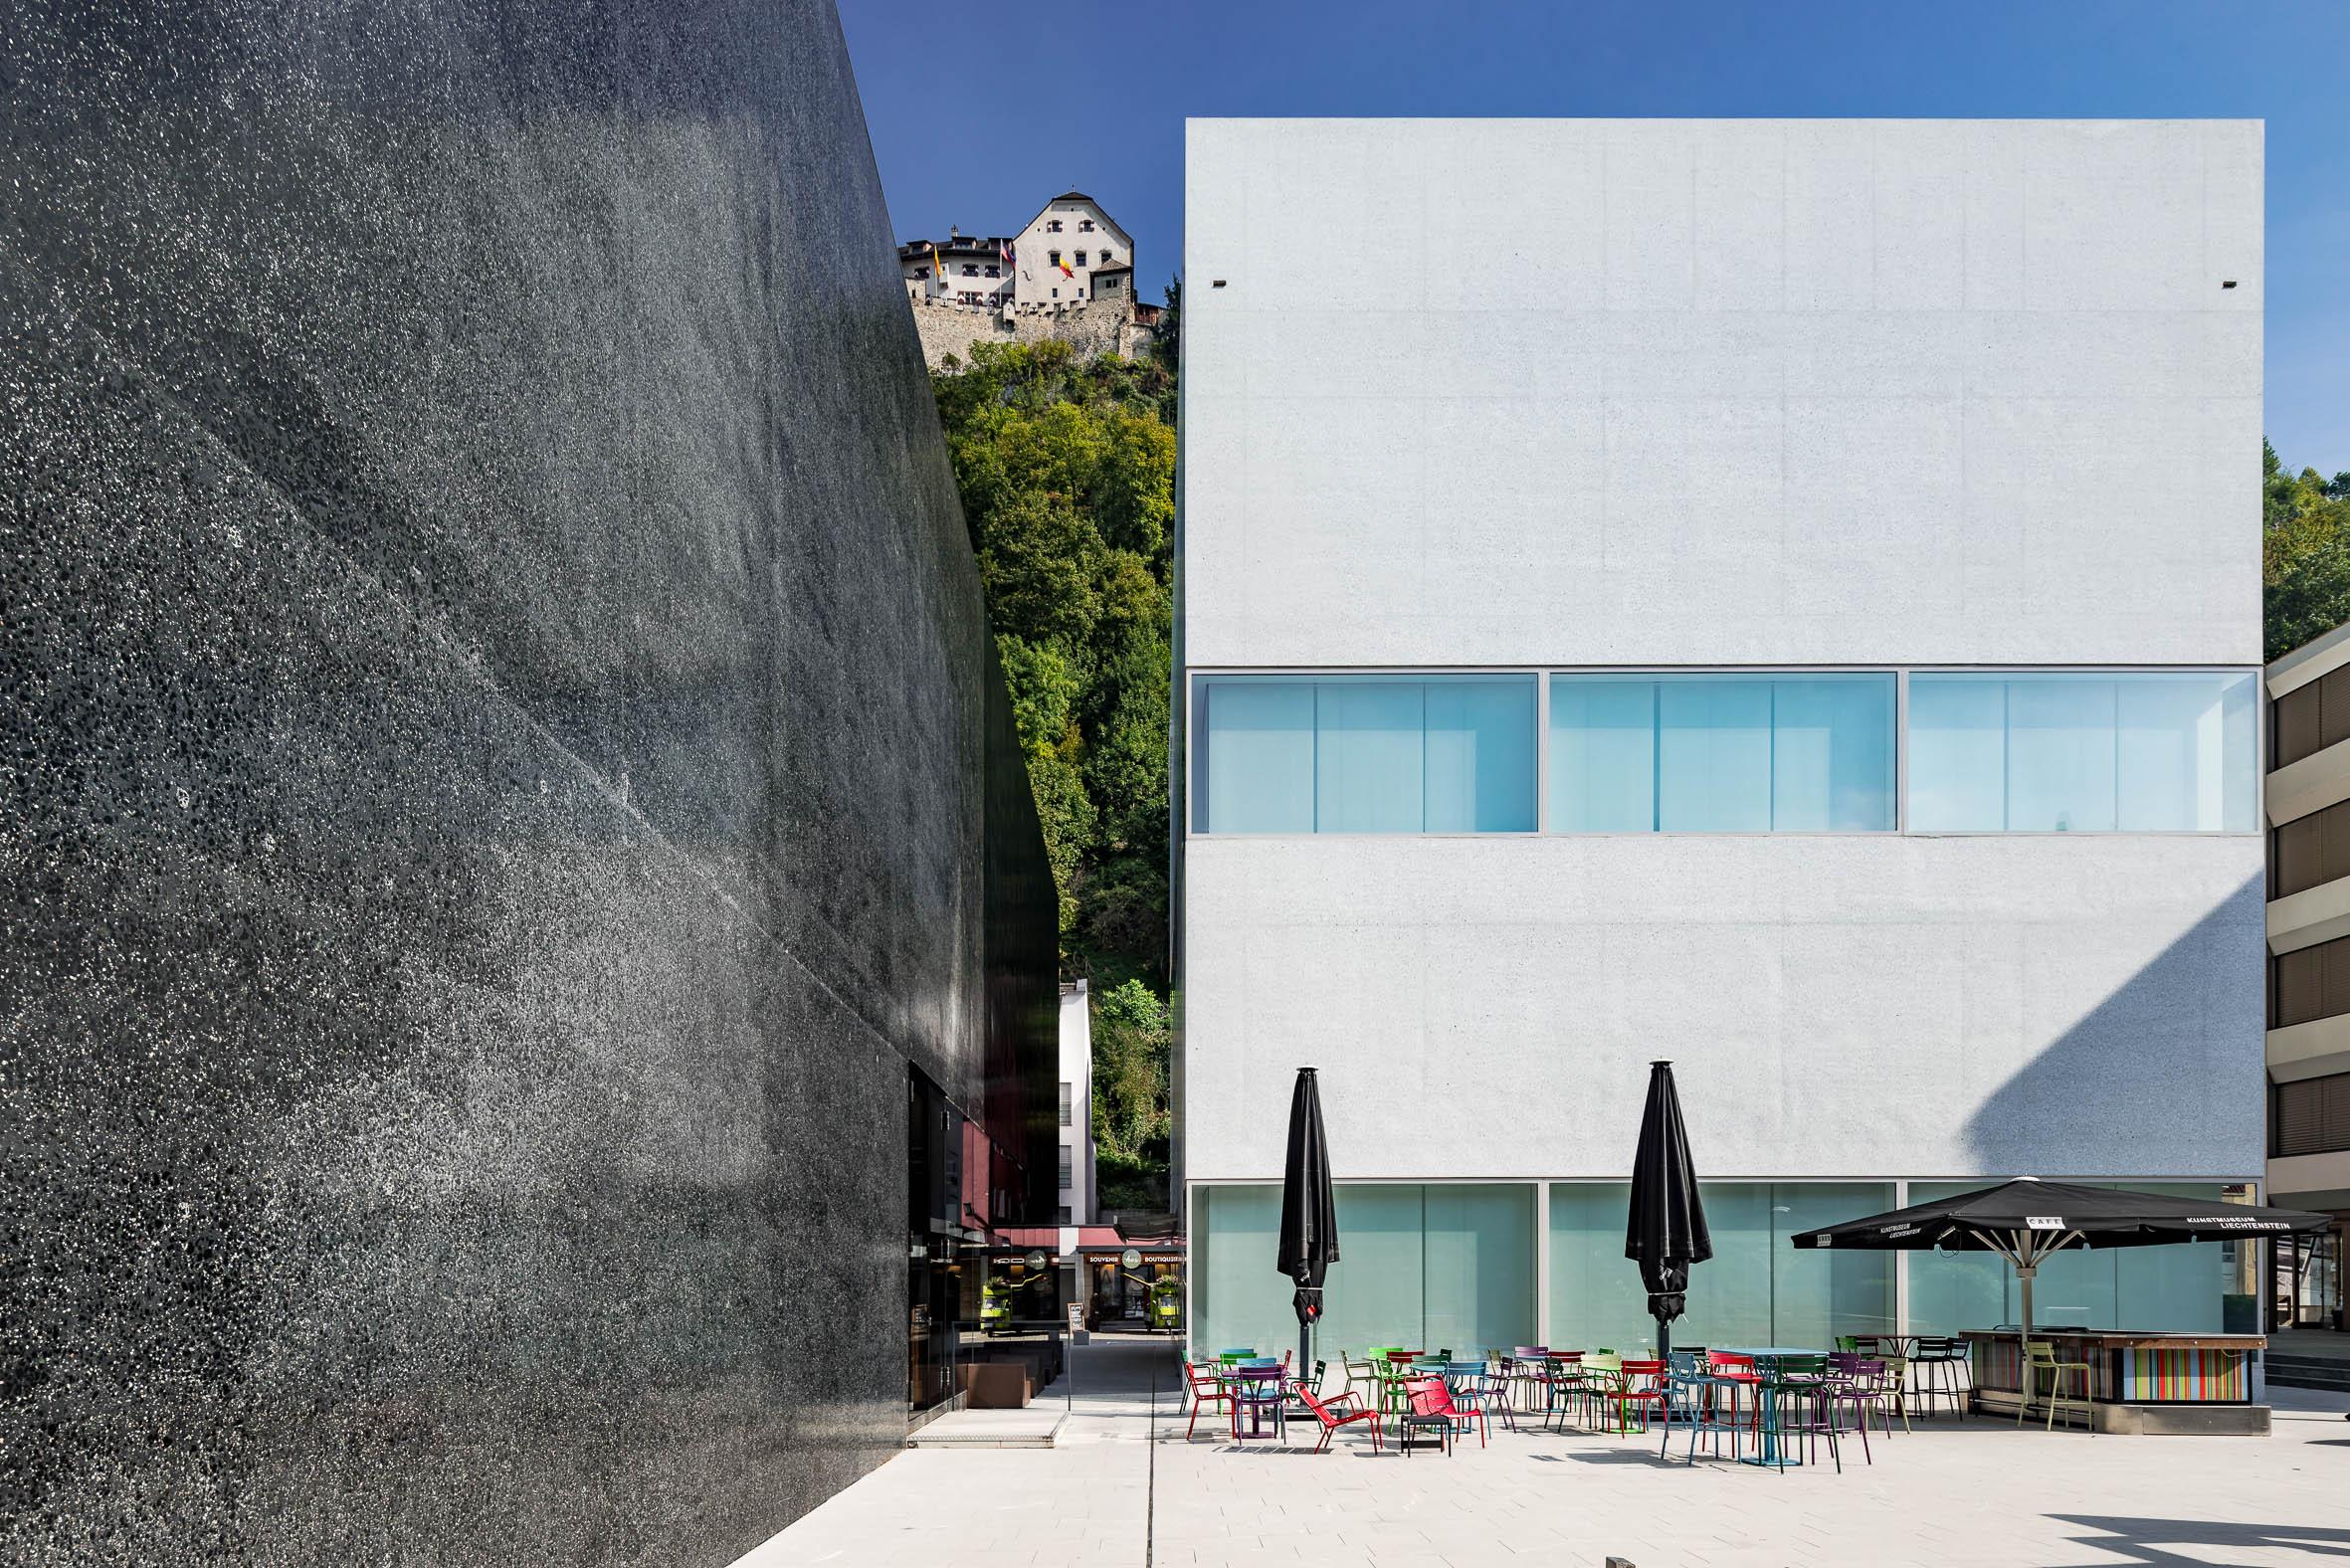 Architekturfotografie Kunstmuseeum Liechtenstein Hilti Art Foundation Vaduz